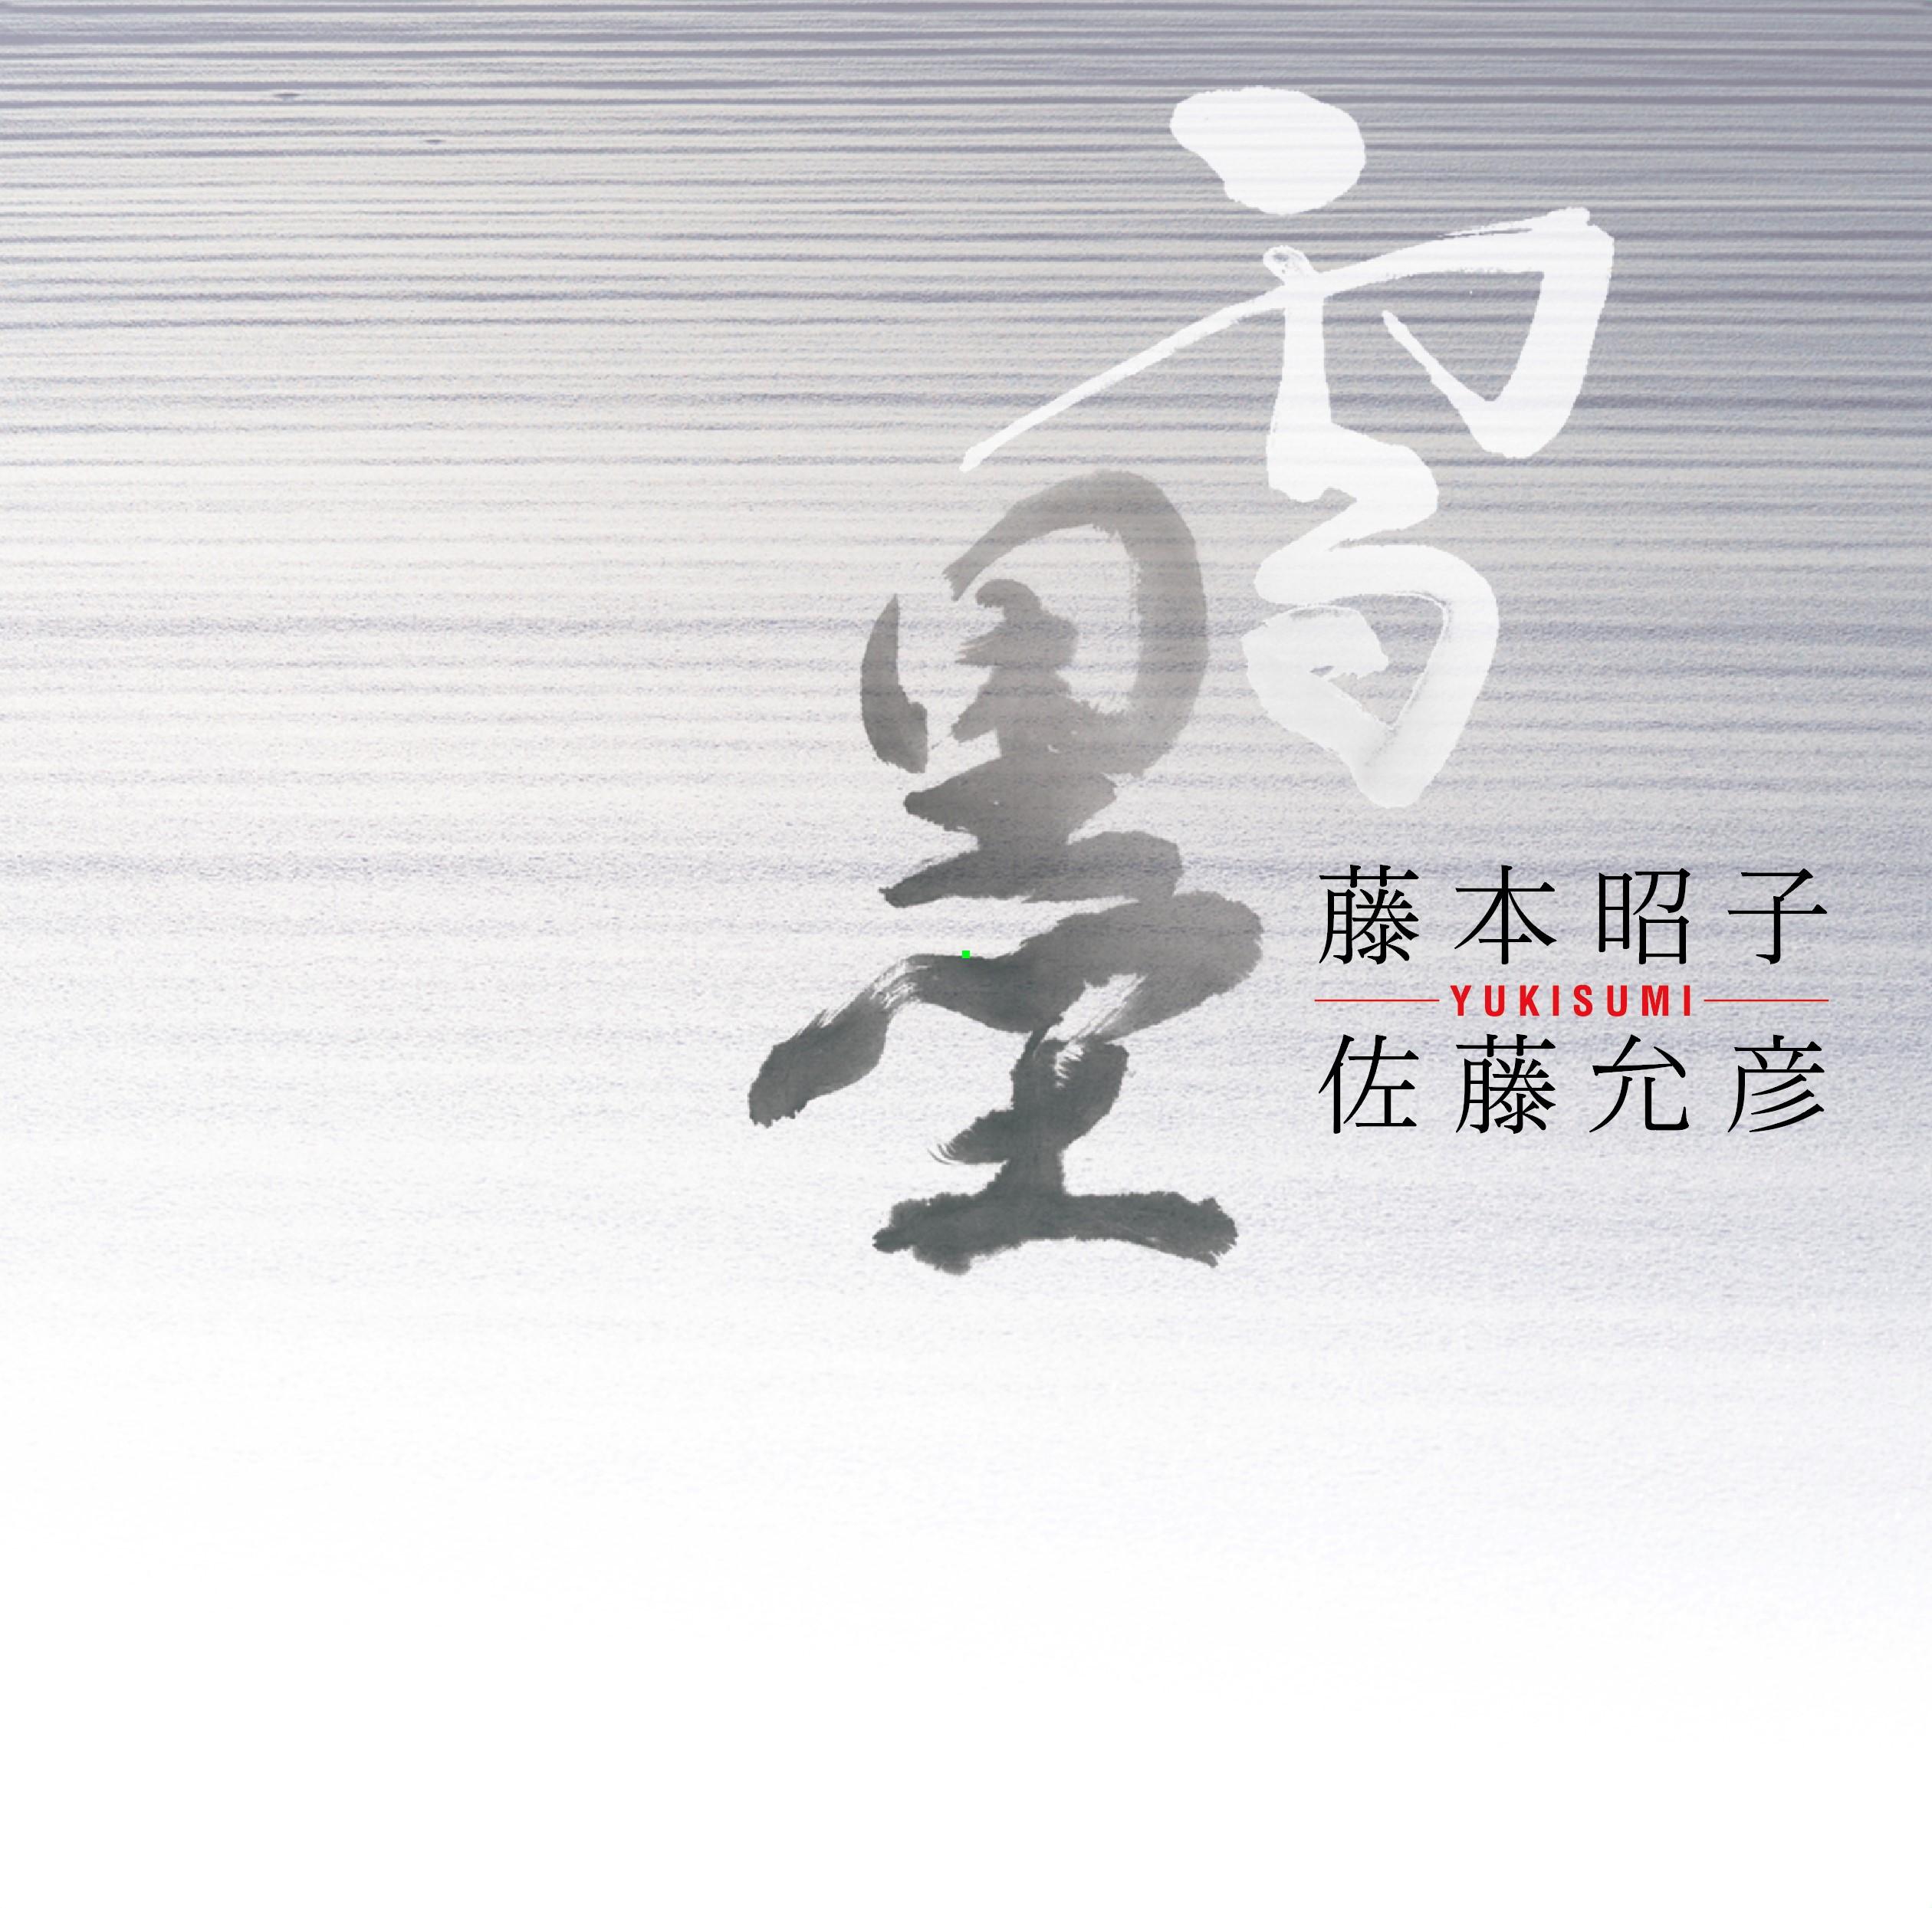 雪墨 yukisumi/藤本昭子・佐藤允彦[31028]